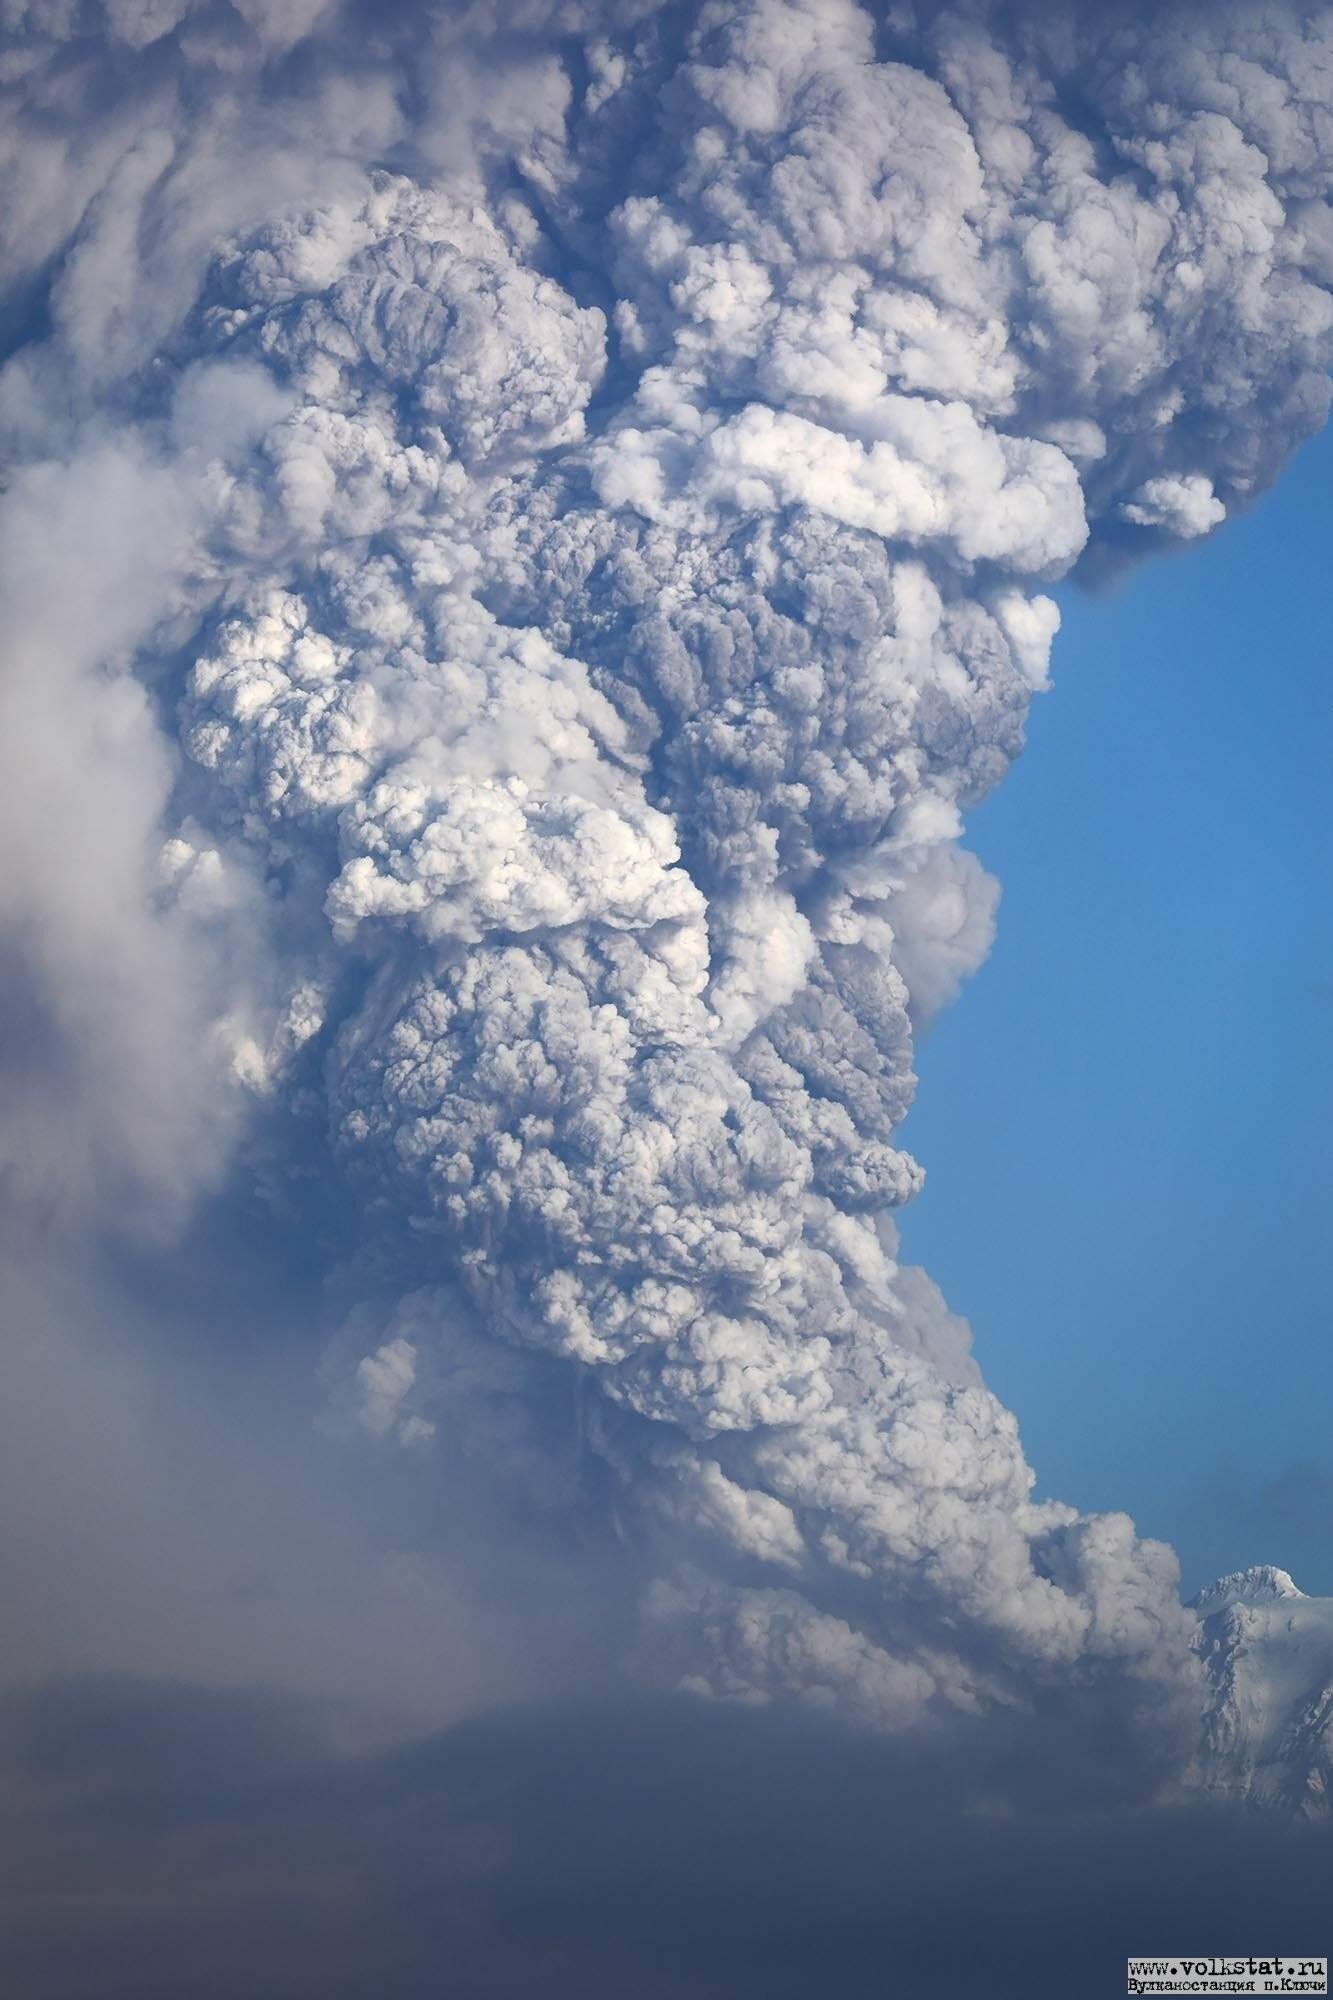 Сильное извержение вулкана может произойти на Камчатке, фото-1